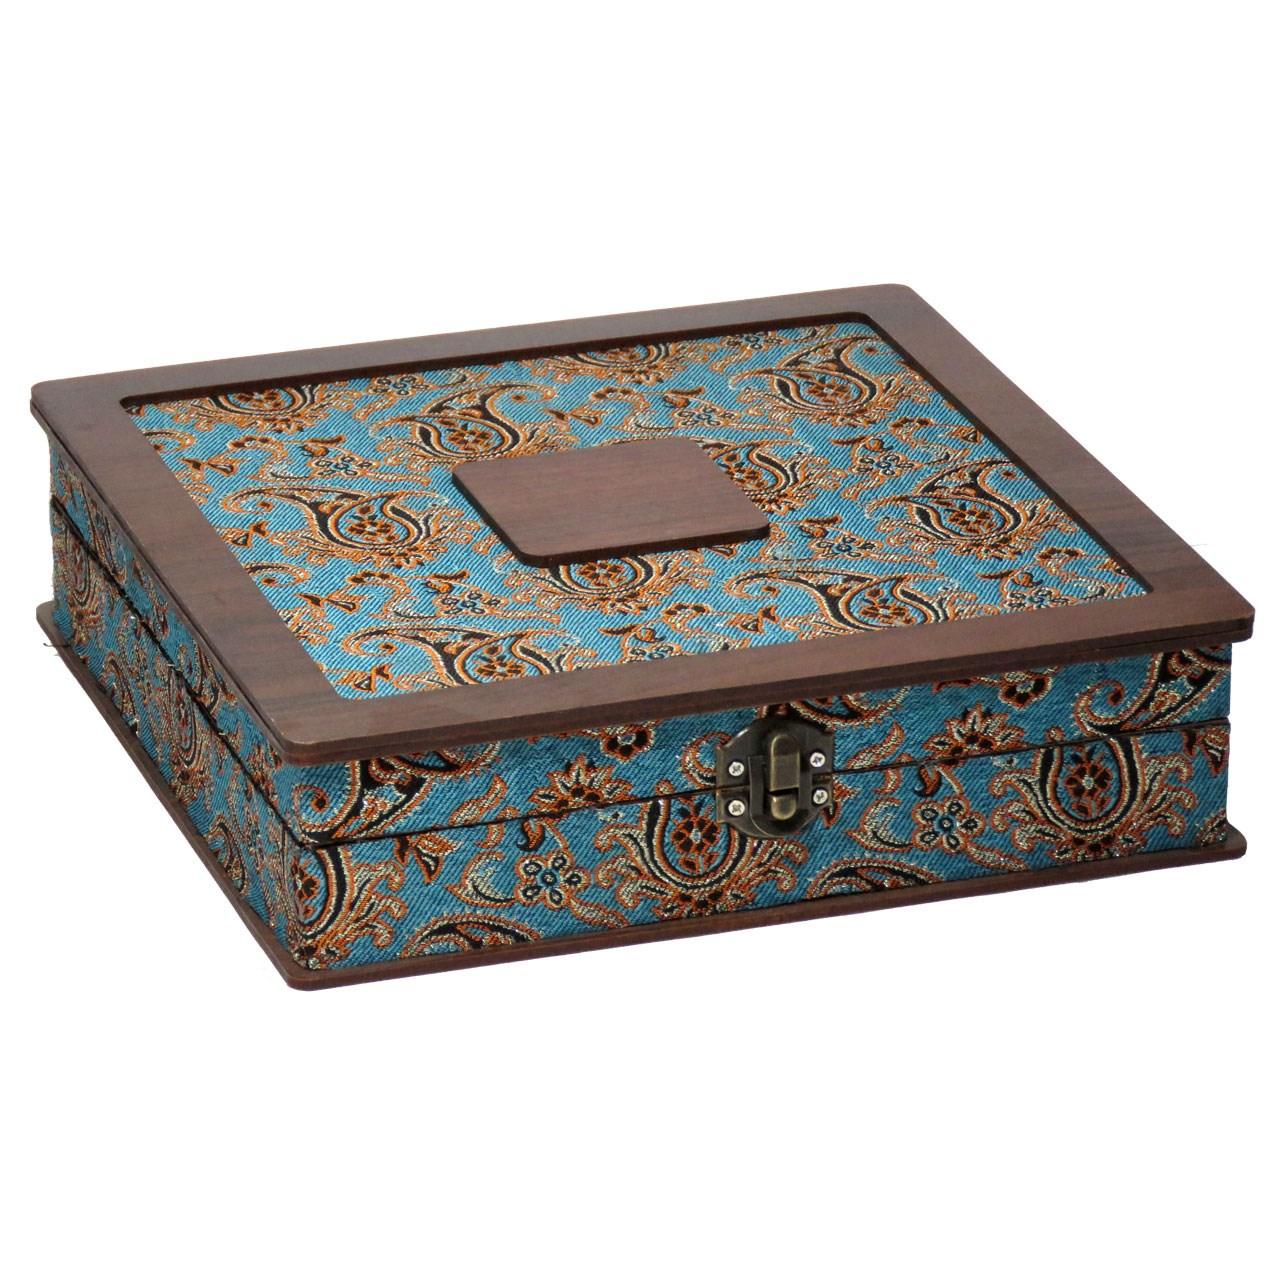 جعبه هدیه کادو دمنوش چایی کیسه ای  لوکس باکس  کد LB014